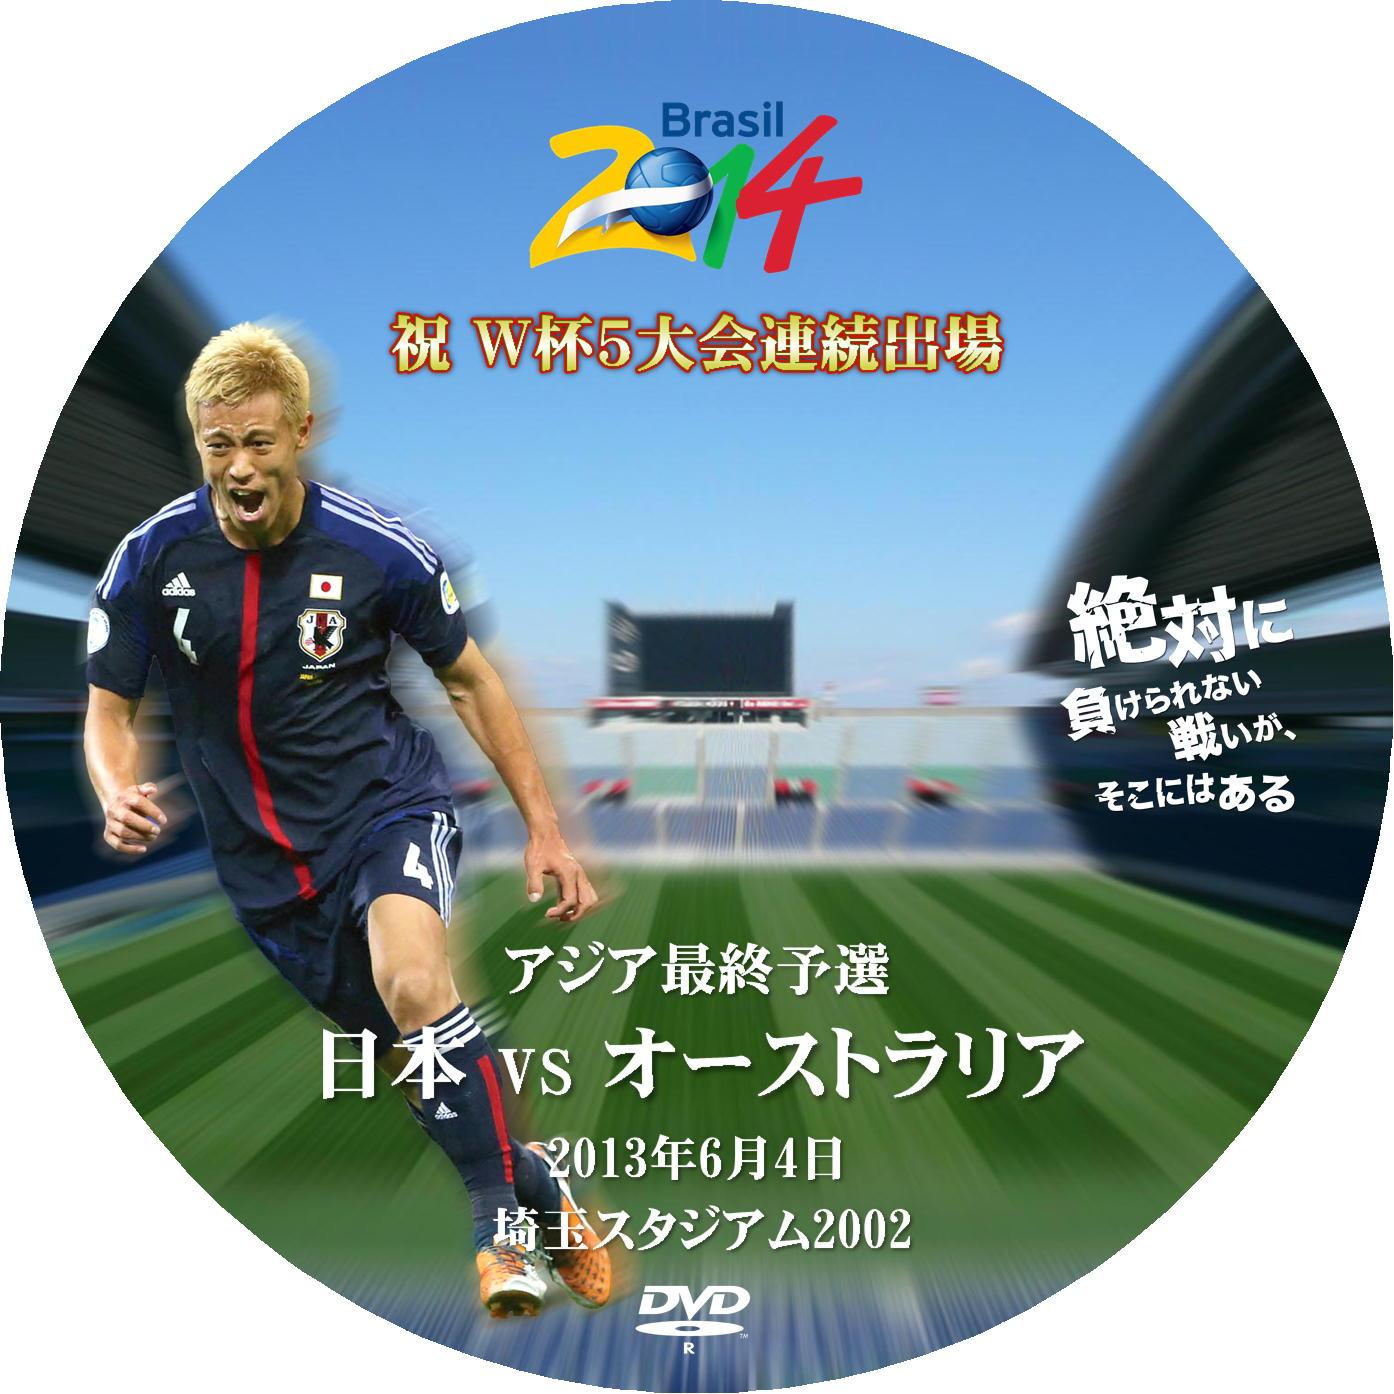 オーストラリア戦 DVDラベル